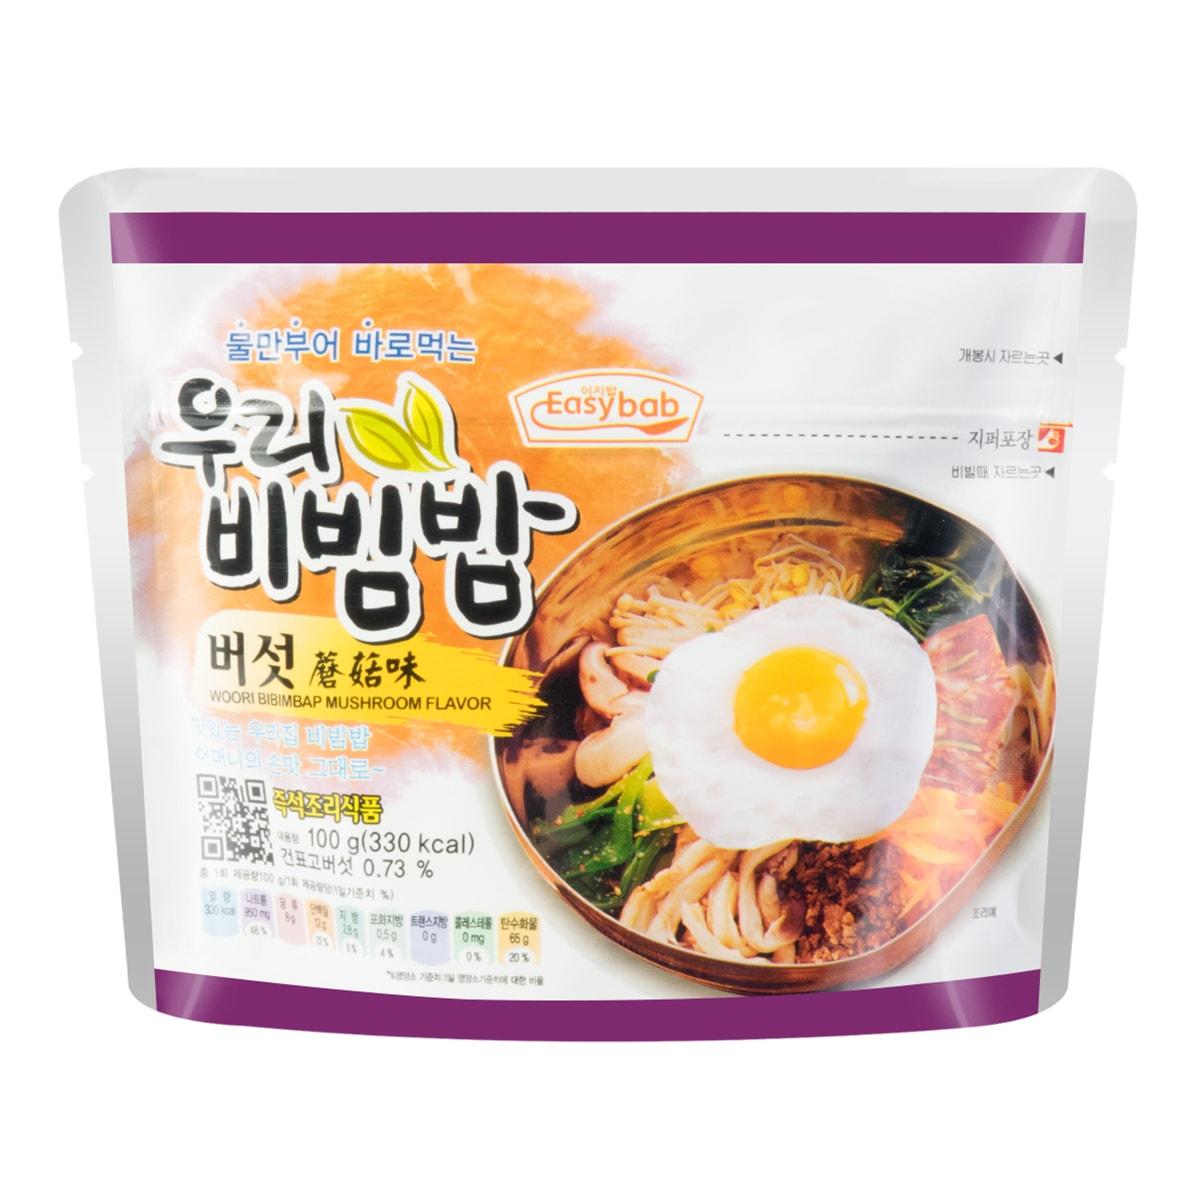 韩国EASYBAB 即食韩式蘑菇石锅拌饭 100g